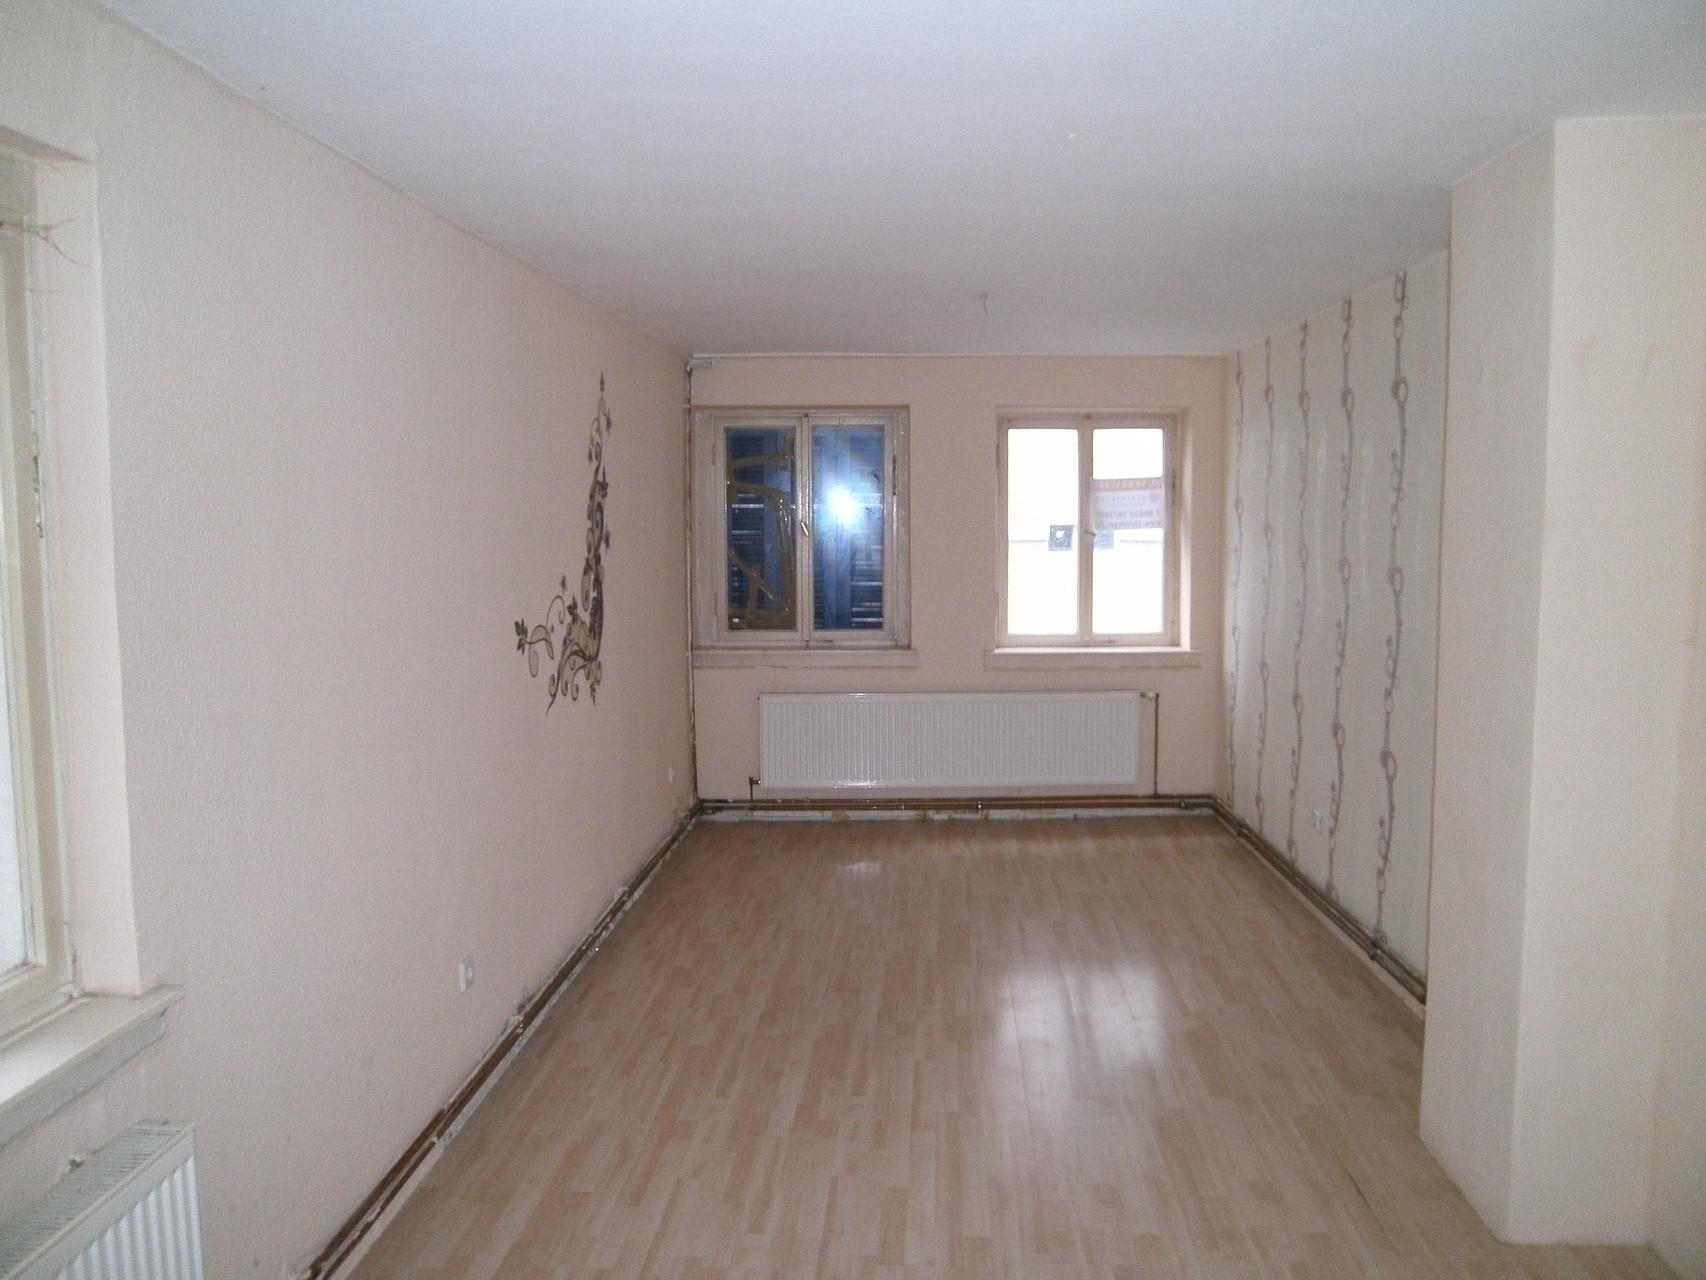 Das ehem. Wohnzimmer im alten look...